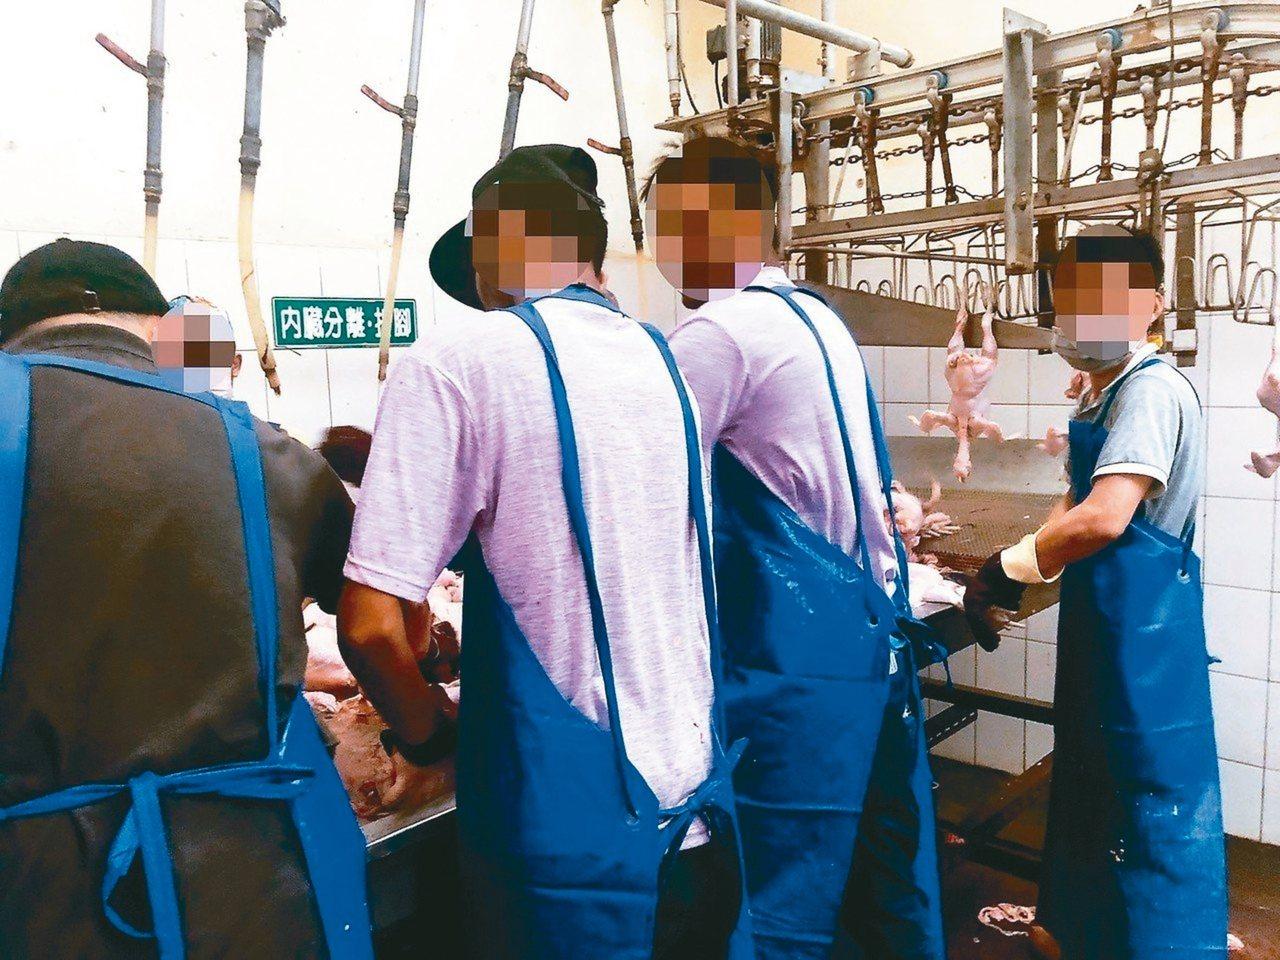 康寧大學去年被爆出斯里蘭卡學生在台灣屠宰場打工。 圖/教團提供